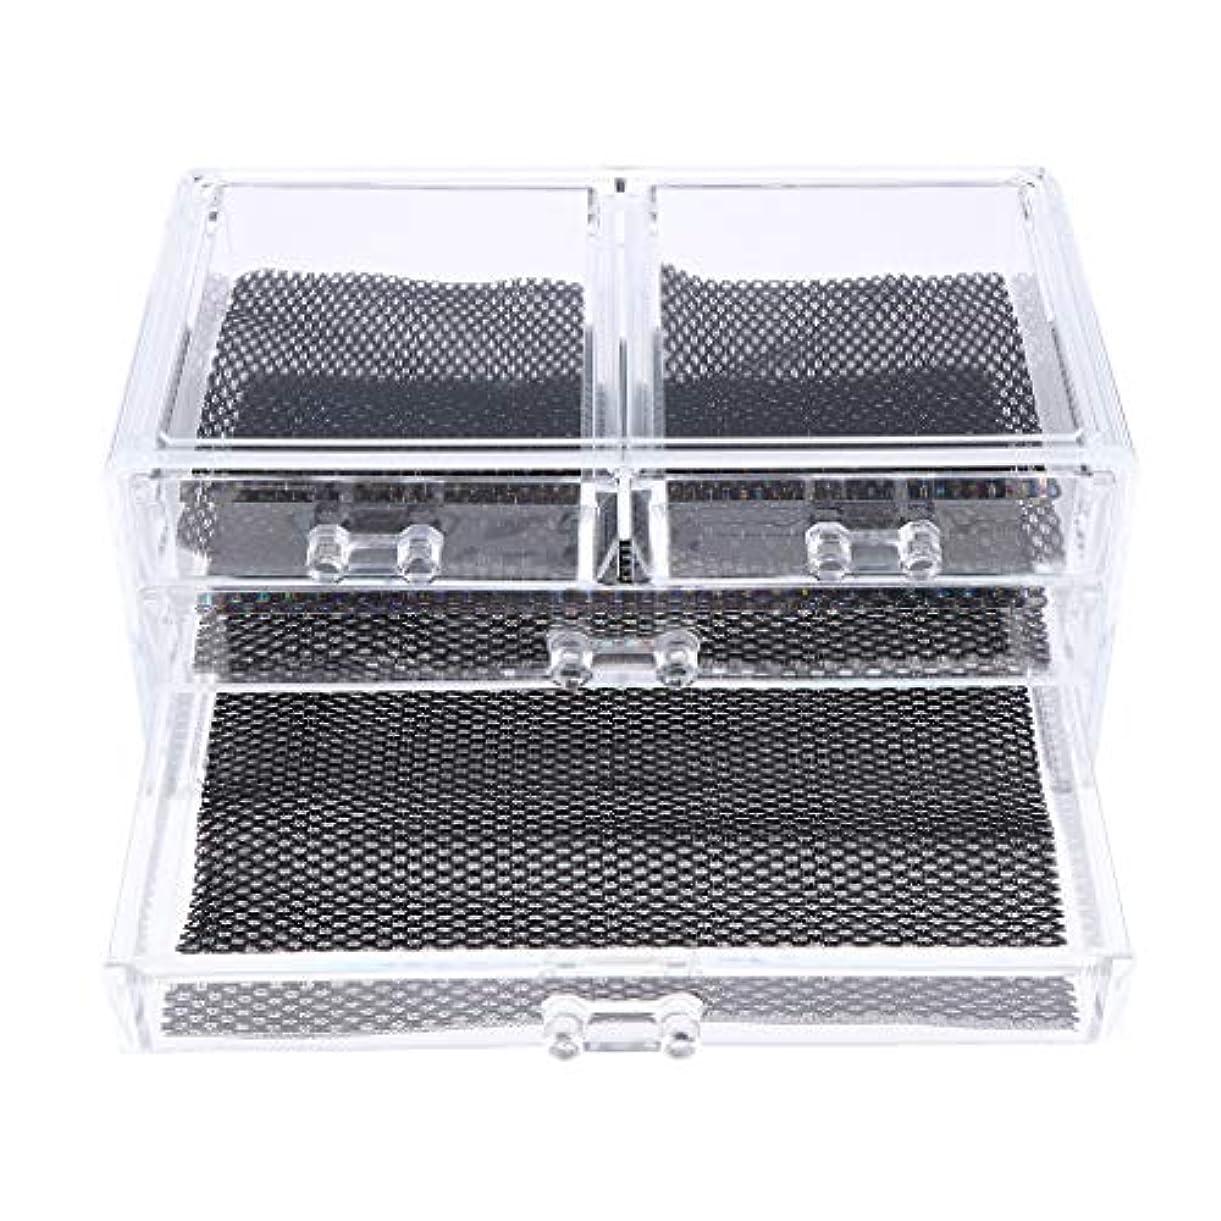 酔っ払い召集する人気のPerfeclan 化粧品収納ボックス メイクケース 化粧品収納整理 防塵 透明 コスメ収納ボックス 引き出し式 全3種 - 4つの引き出し